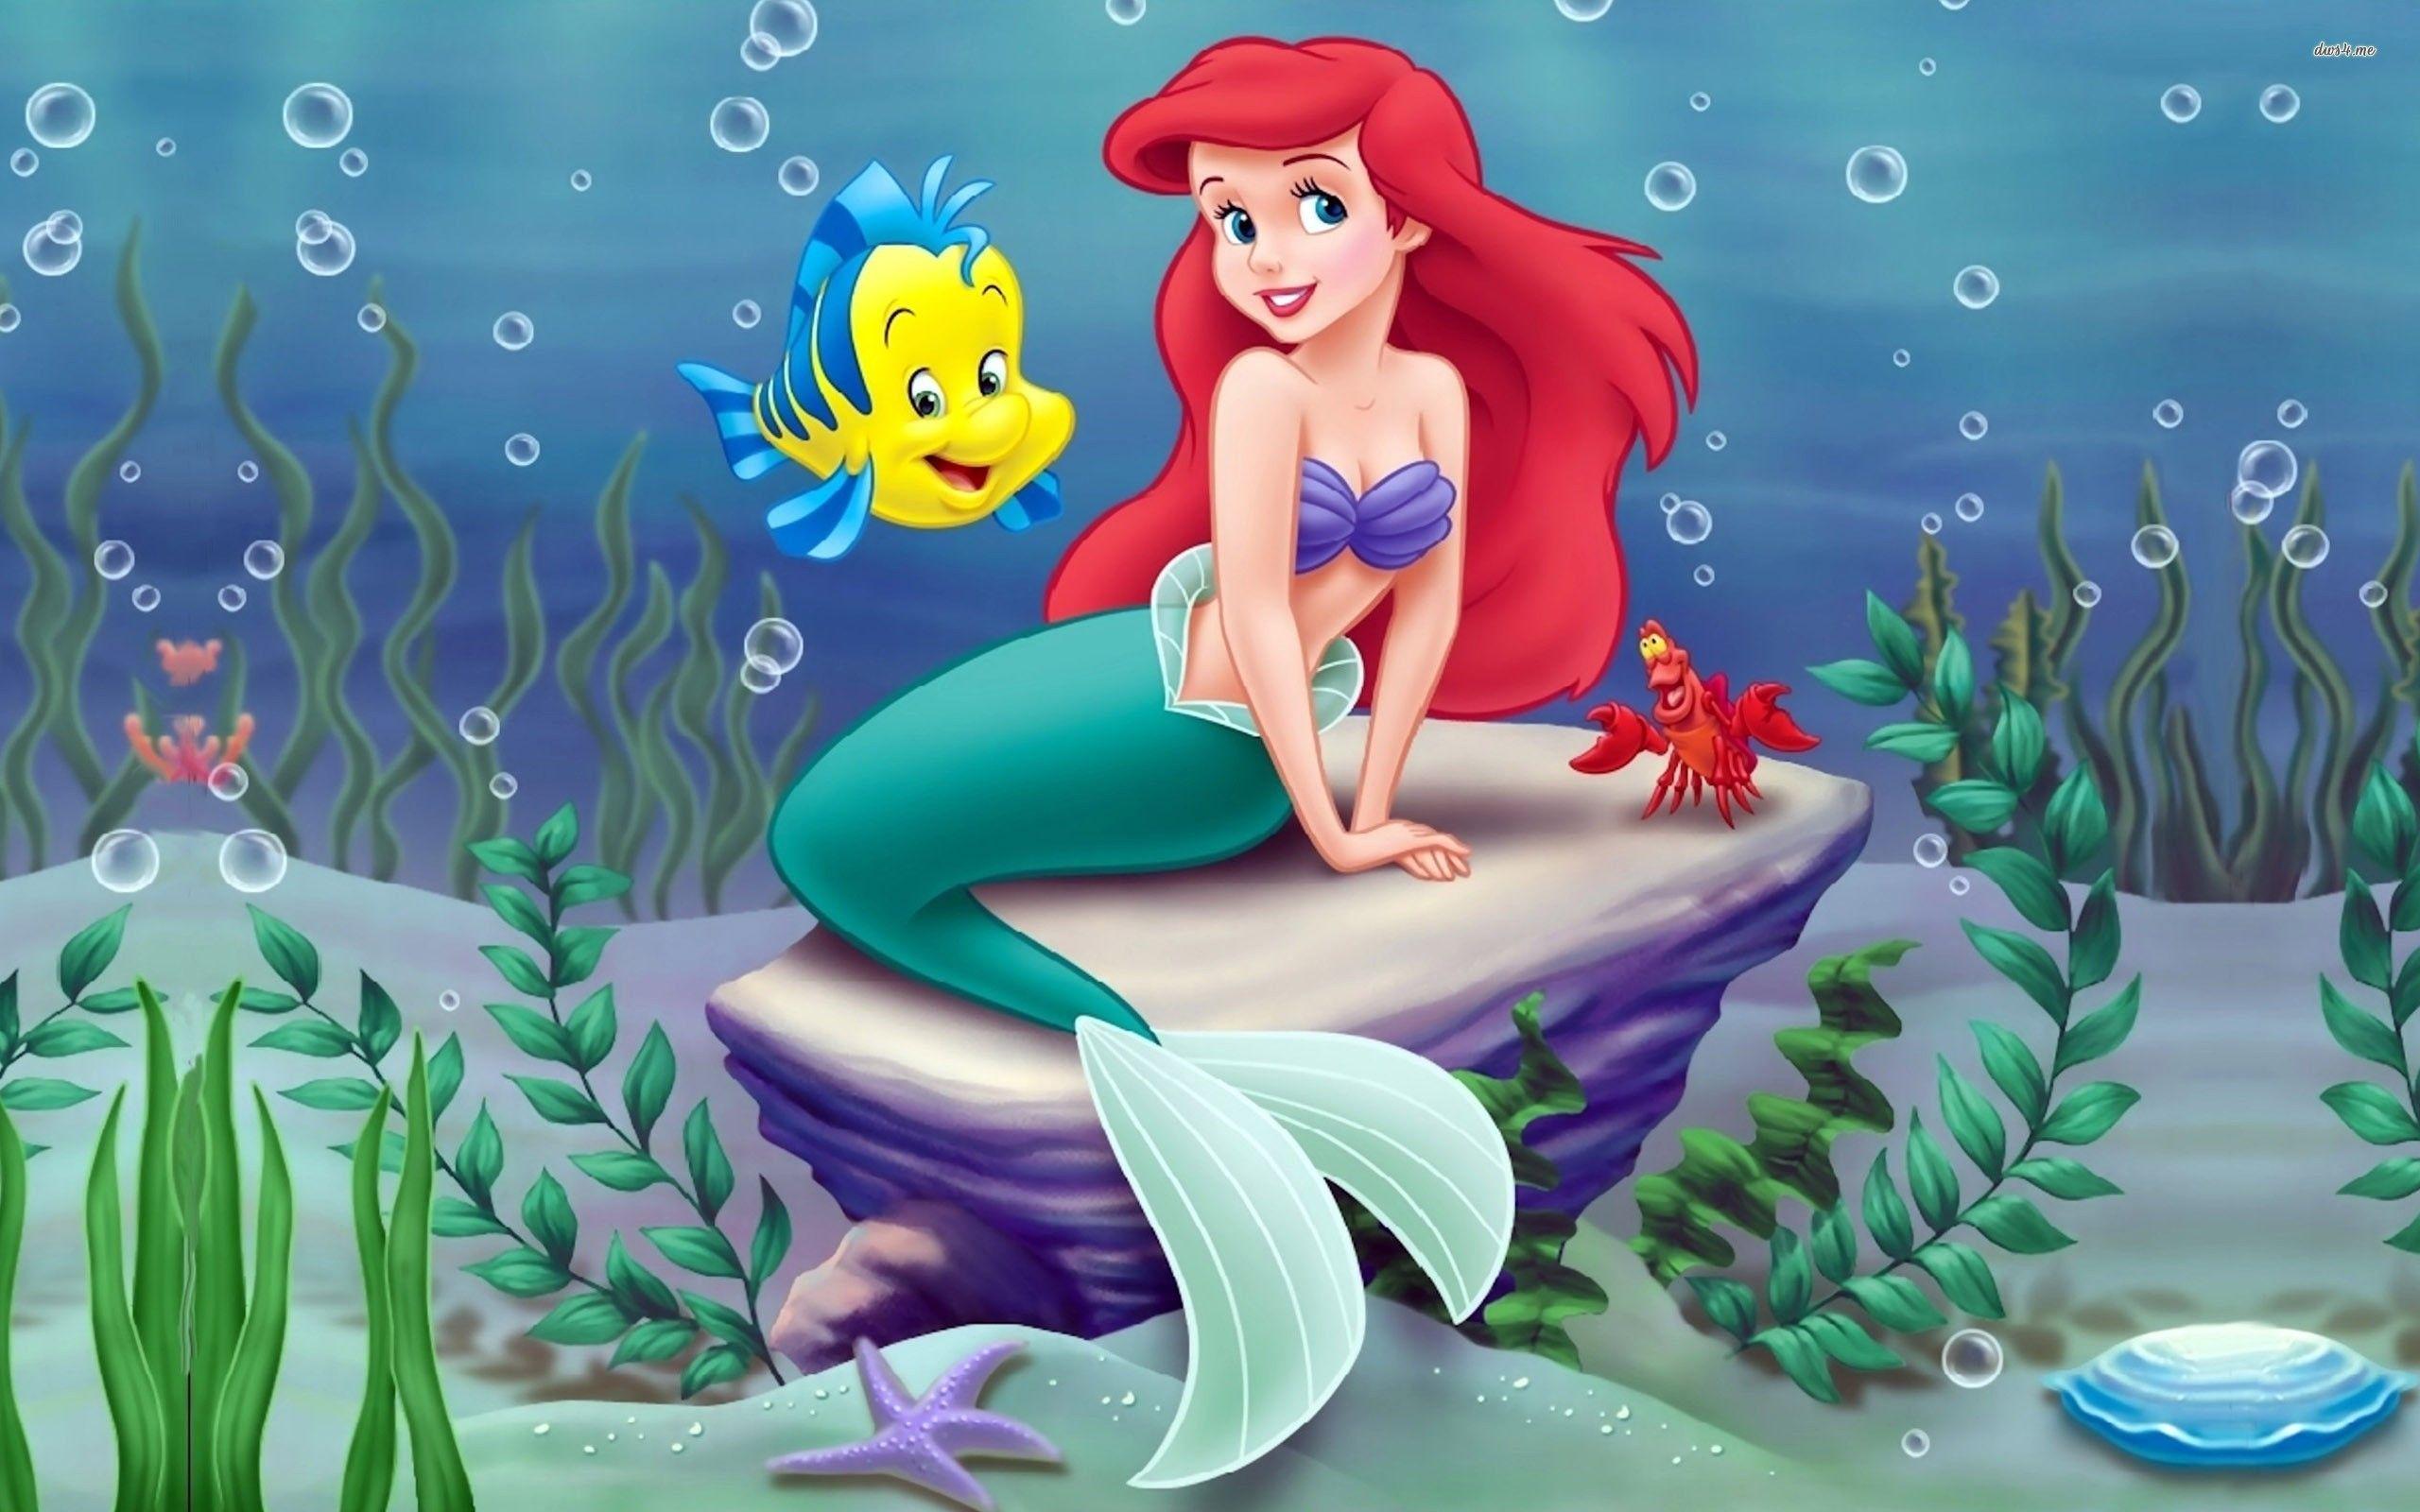 Arielle Cosplay Von Tarulein Auf Animexx De Disney Prinzessin Ariel Ariel Disney Ariel Die Kleine Meerjungfrau